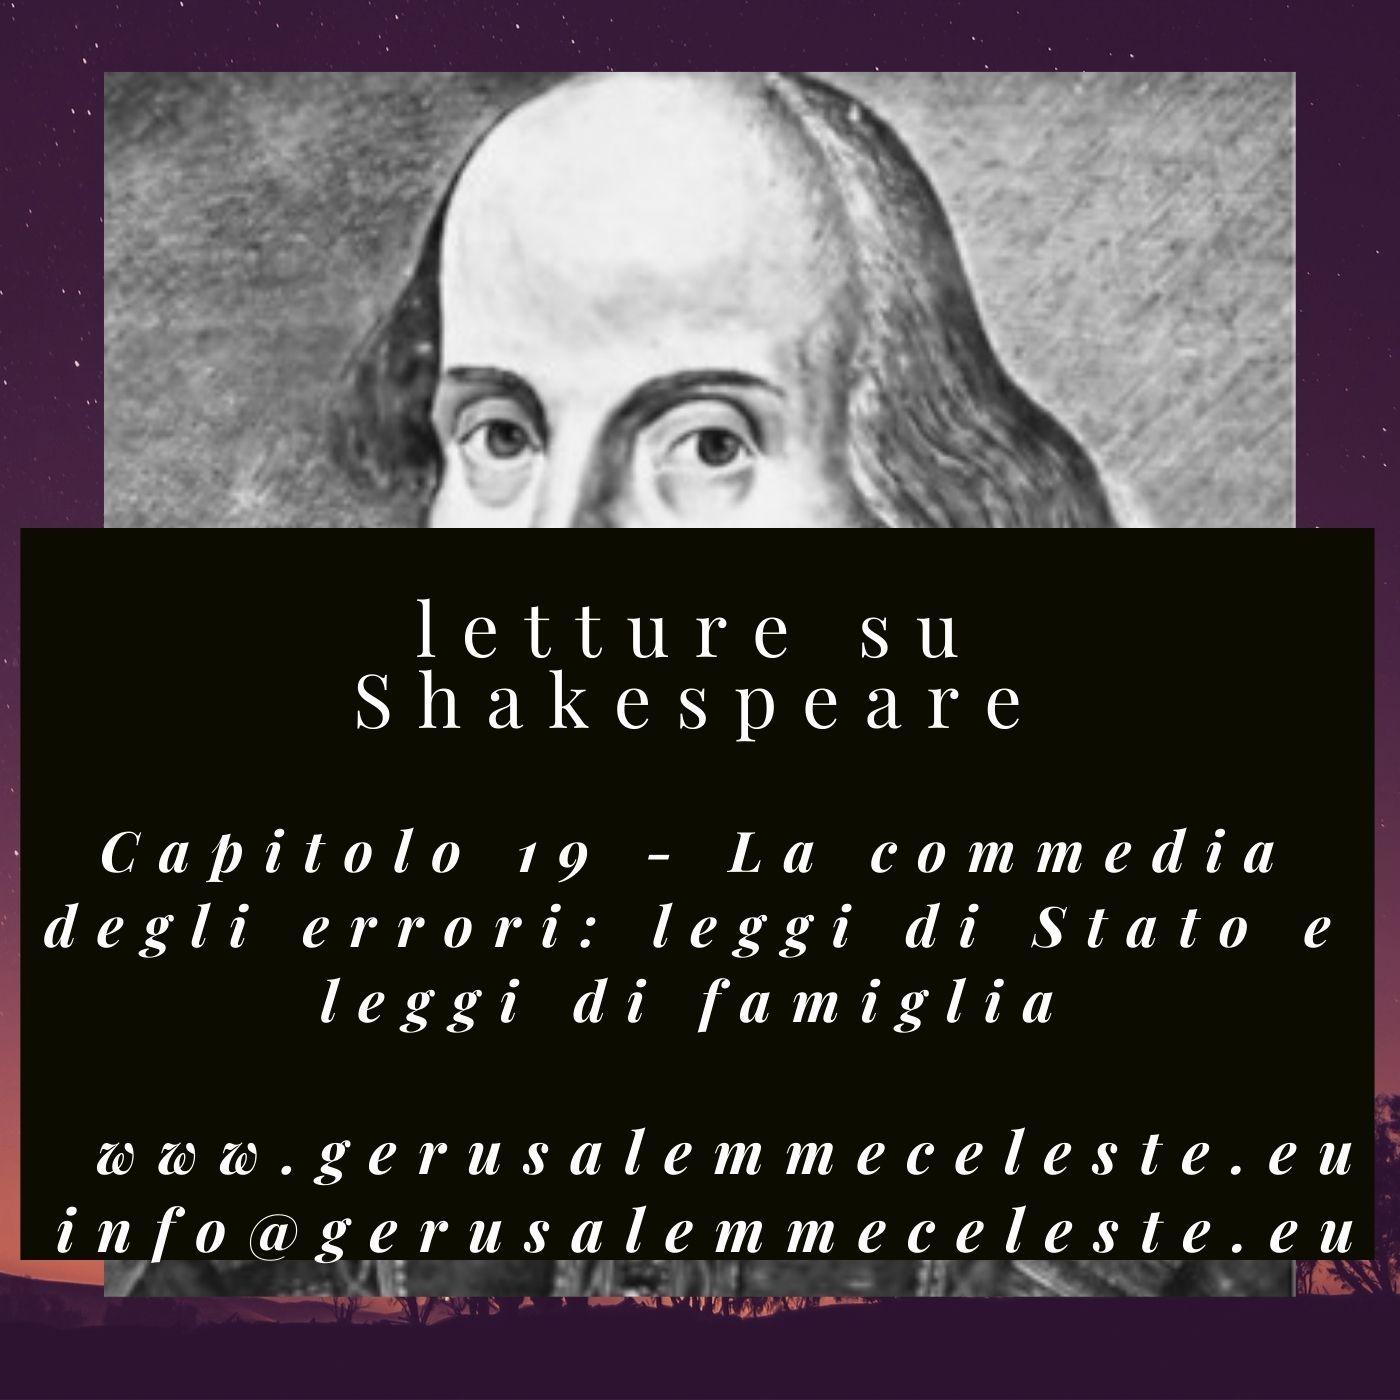 Capitolo 19 - La commedia degli errori: leggi di Stato e leggi di famiglia